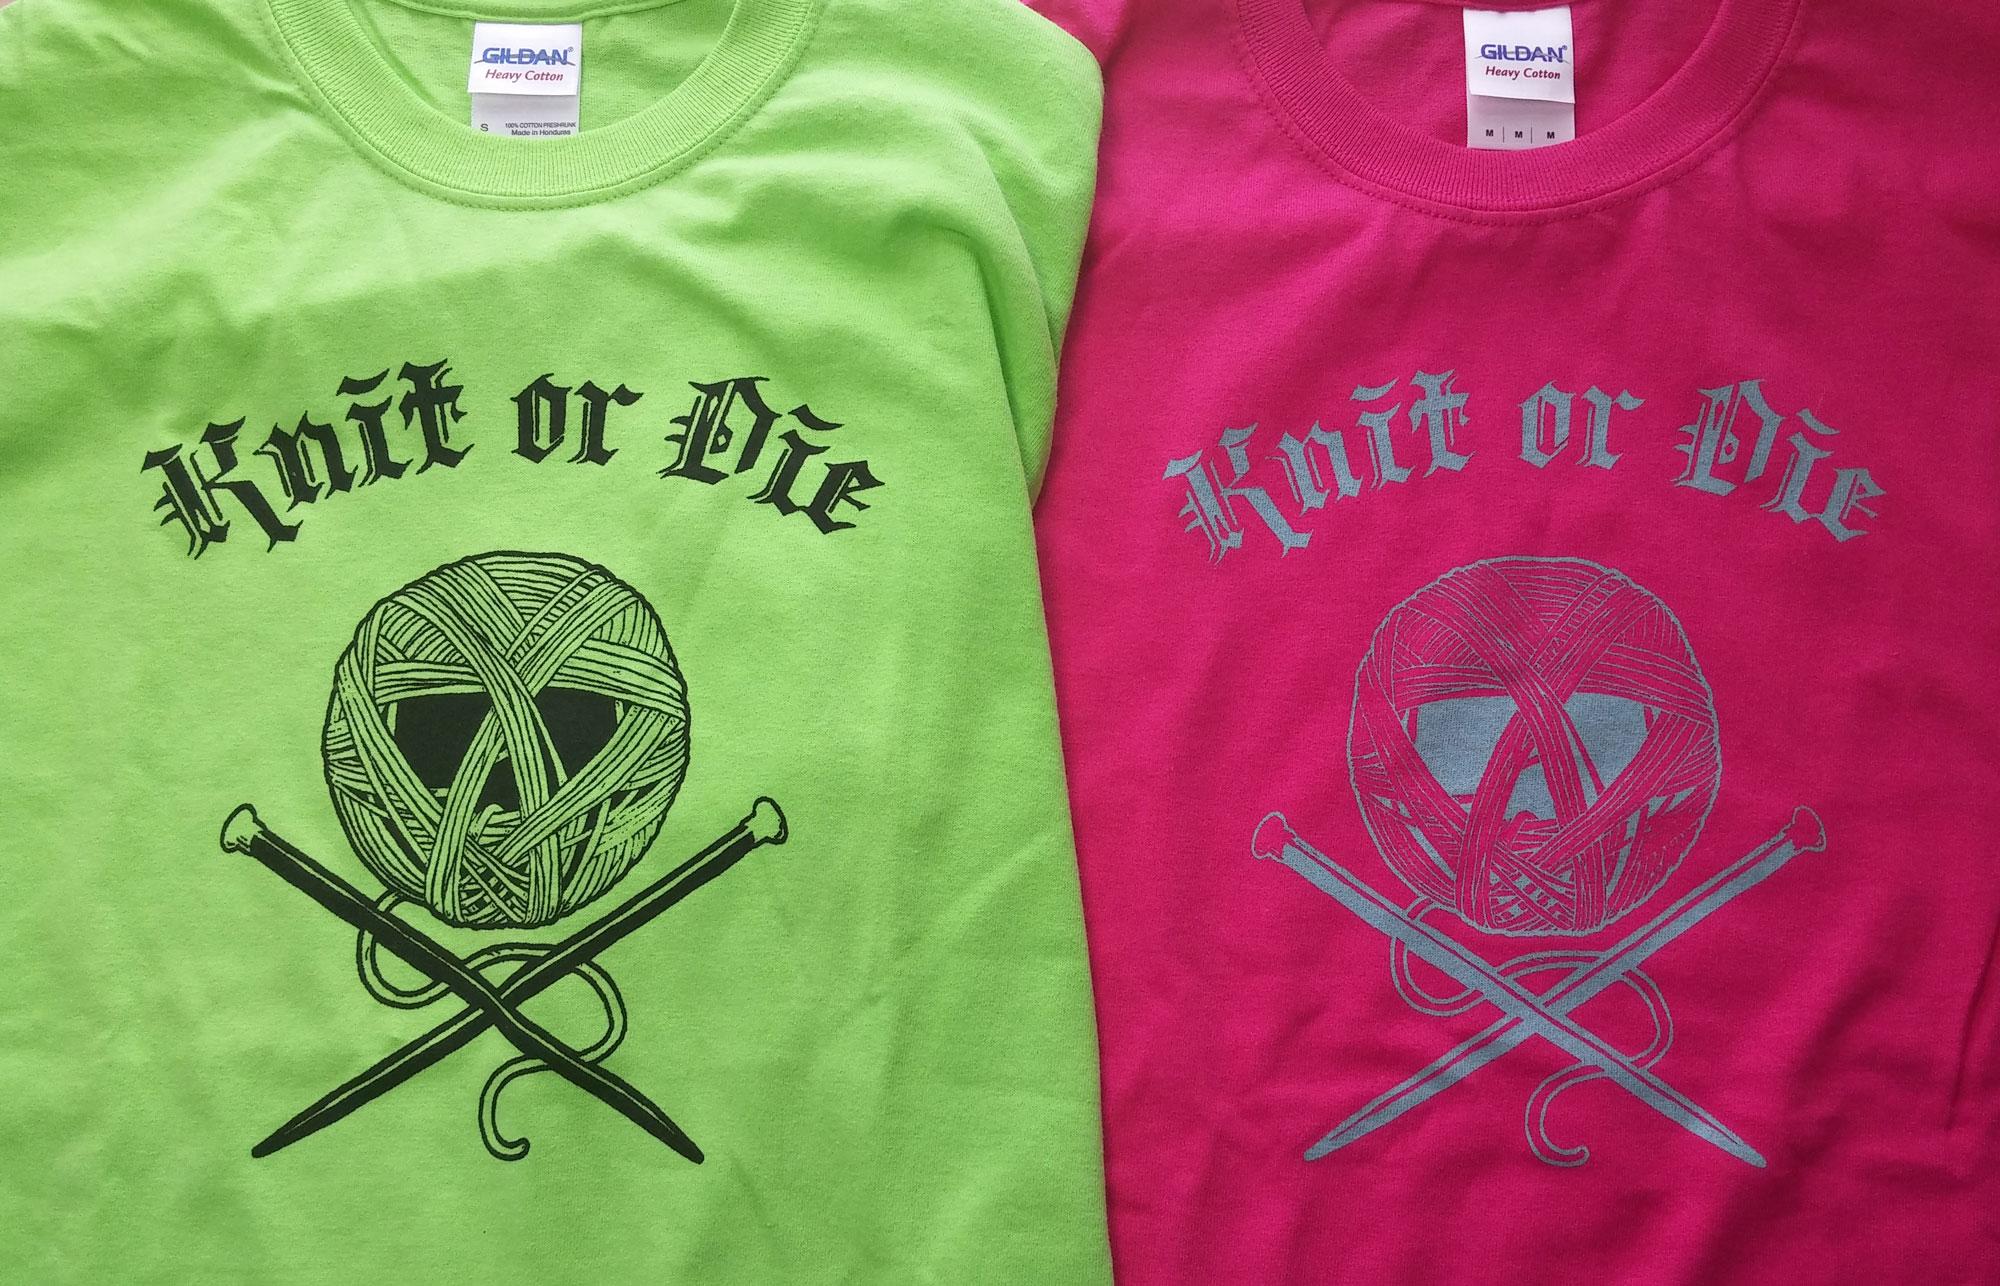 knitshirts